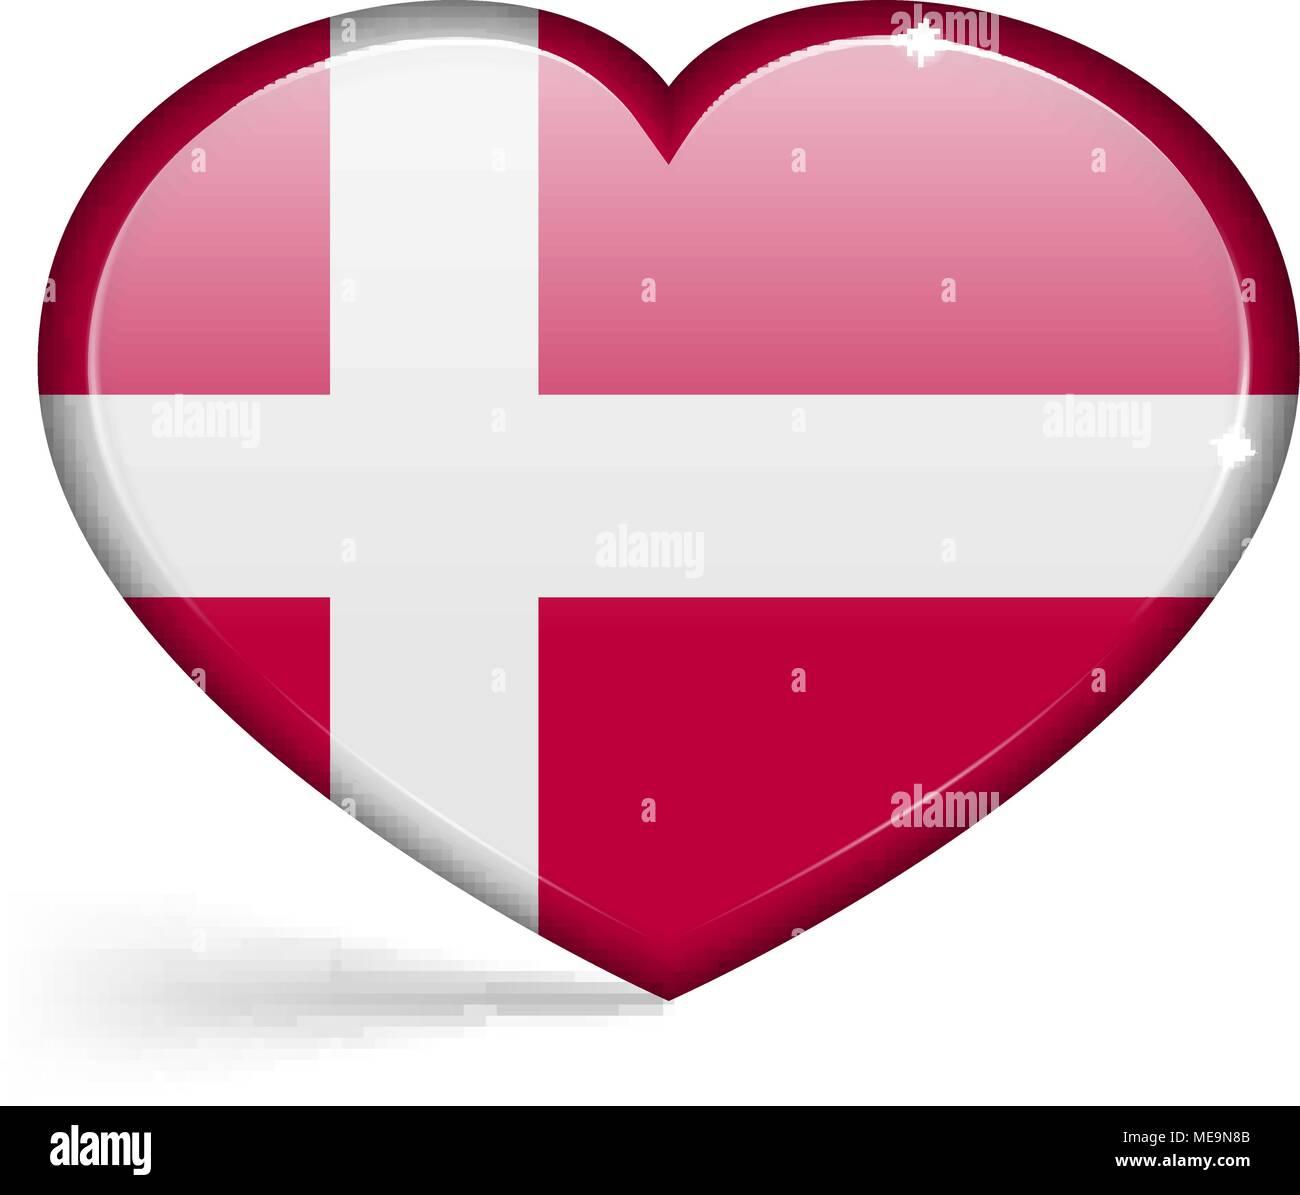 Banderas de Dinamarca en forma de corazón con reflejos en los bordes. Ilustración vectorial Ilustración del Vector